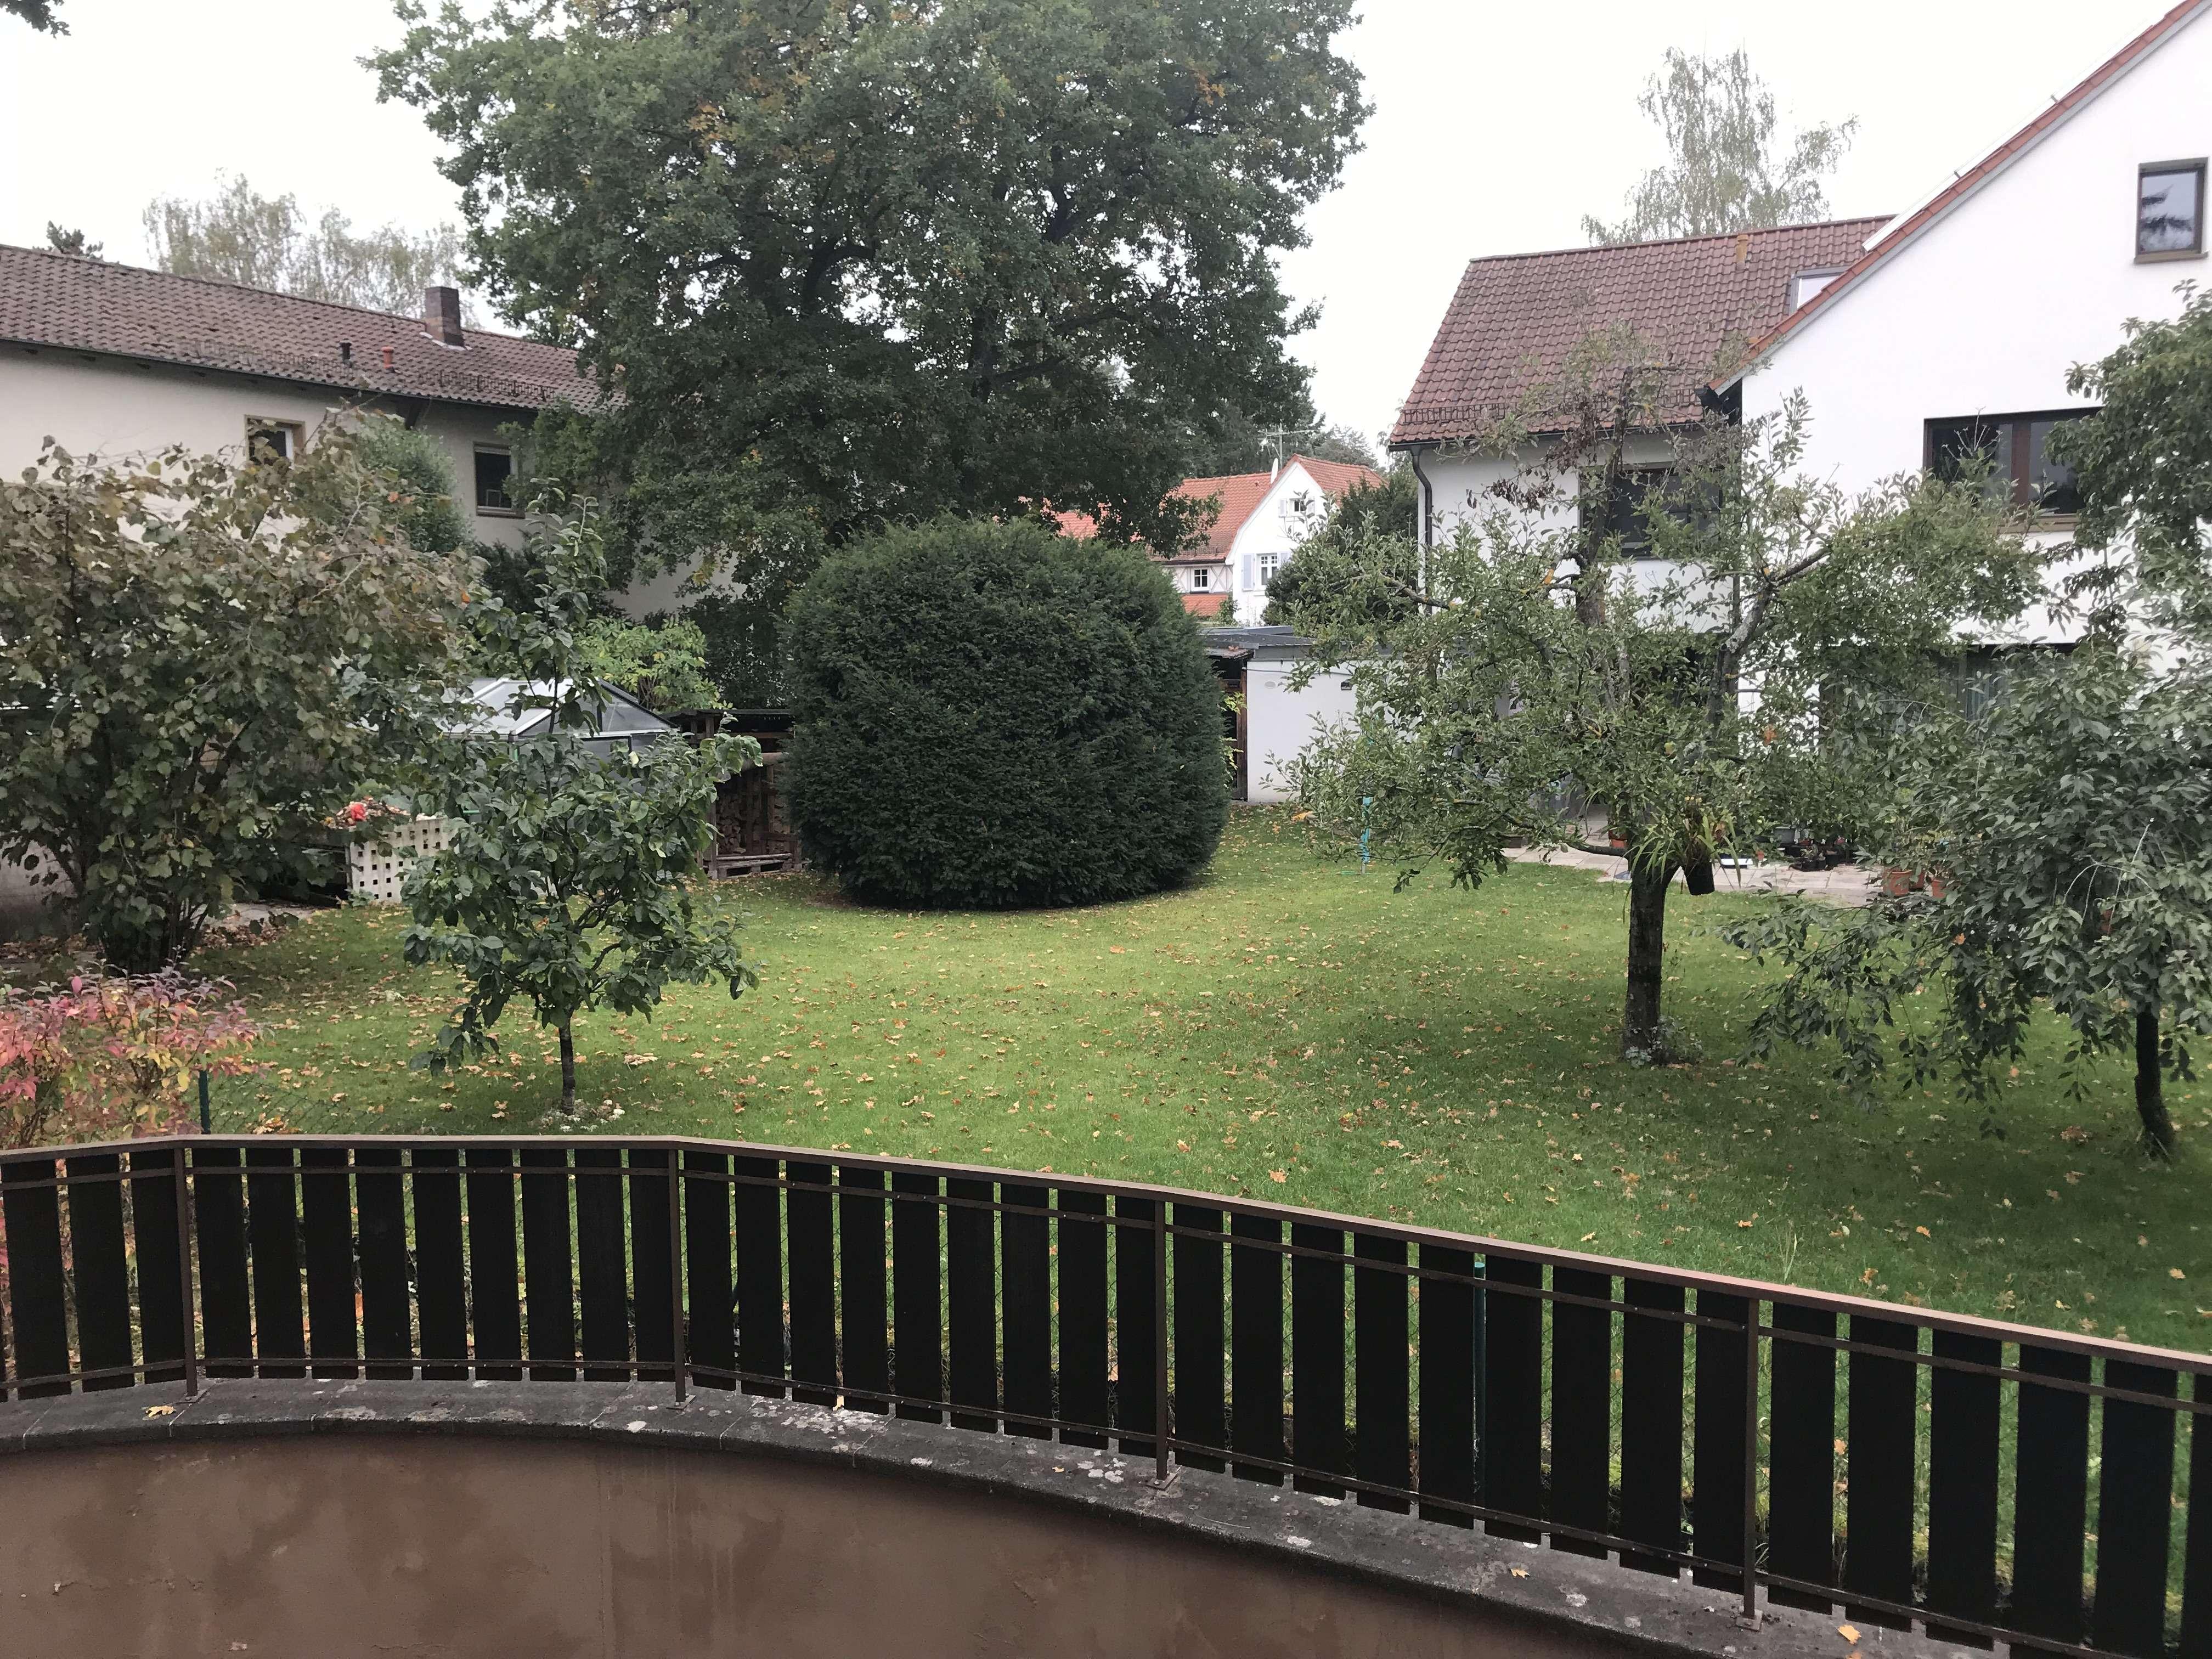 Helle 1,5-Zimmer-Wohnung mit Balkon in kleiner Wohnanlage beim Waldkrankenhaus in Erlangen Nord- Burgberg (Erlangen)